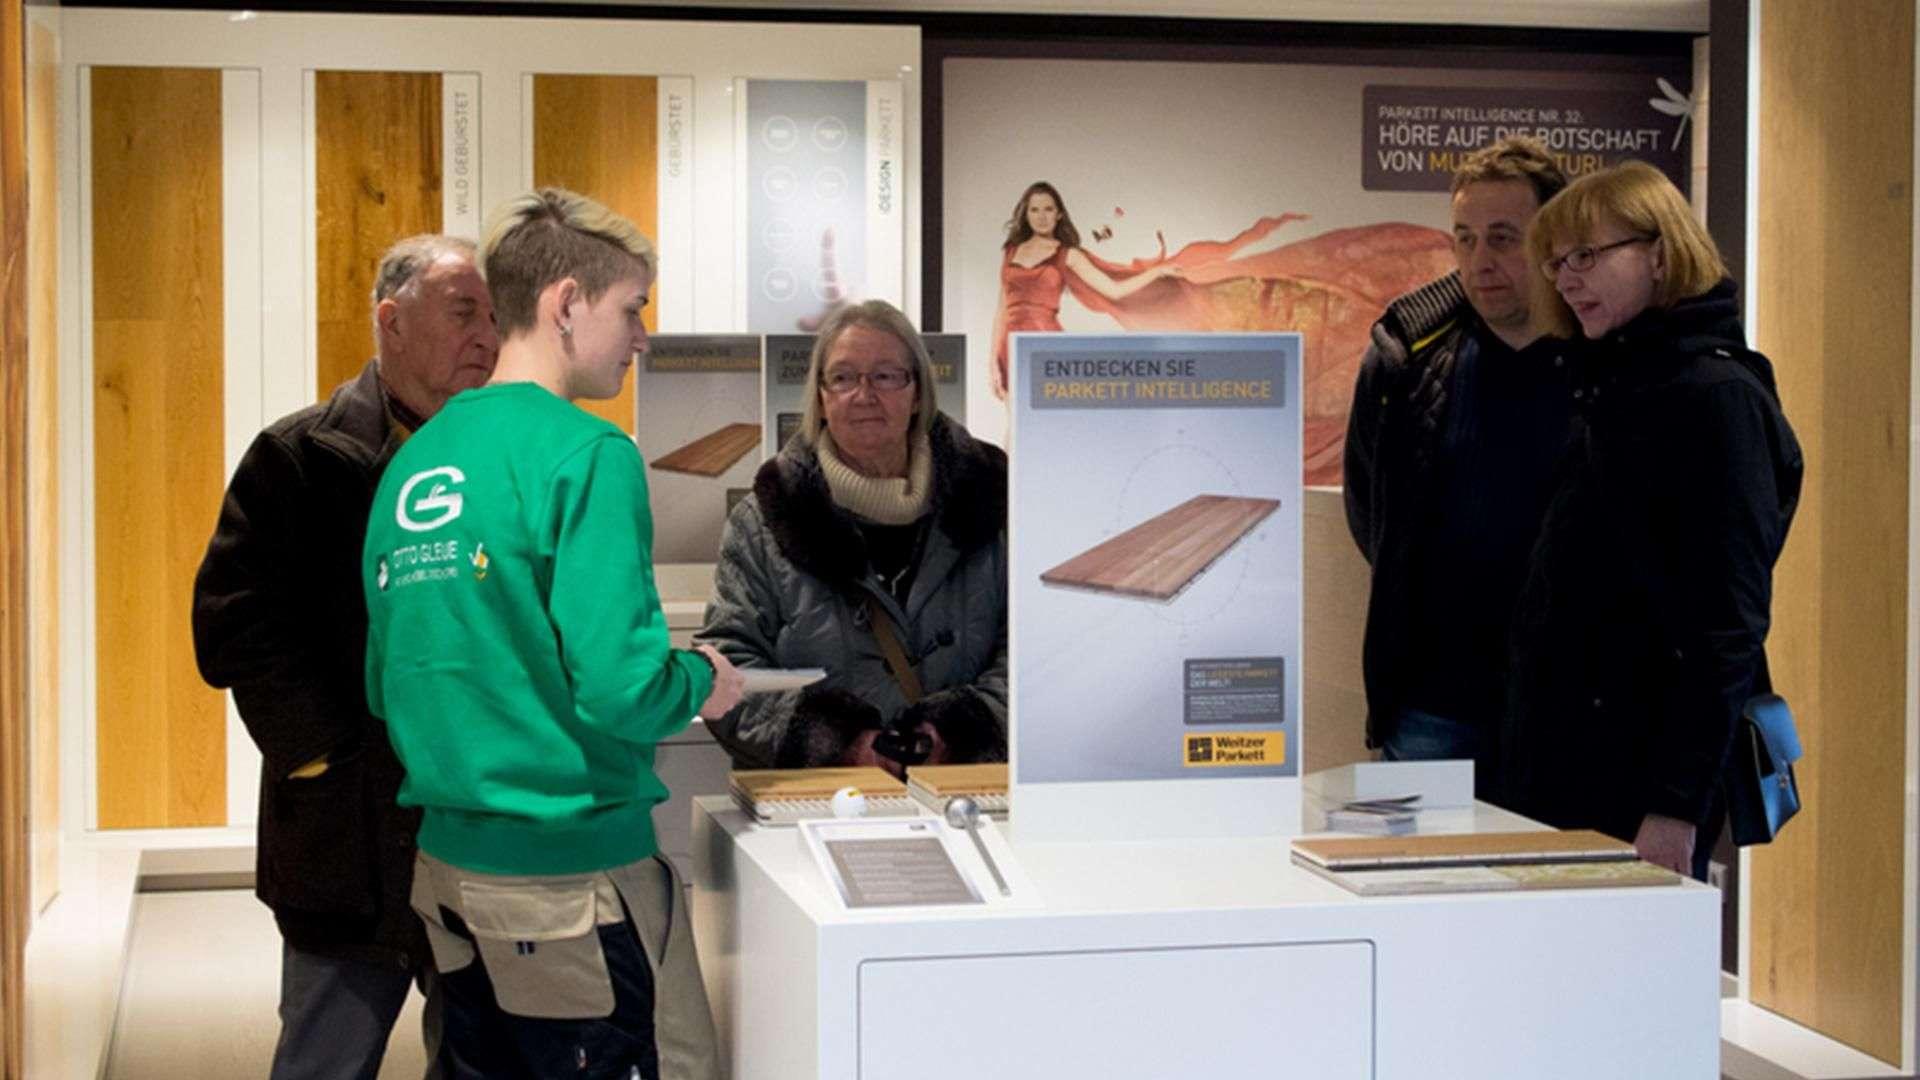 mehrere Personen in der Ausstellung der Tischlerei Gleue in Lindwedel